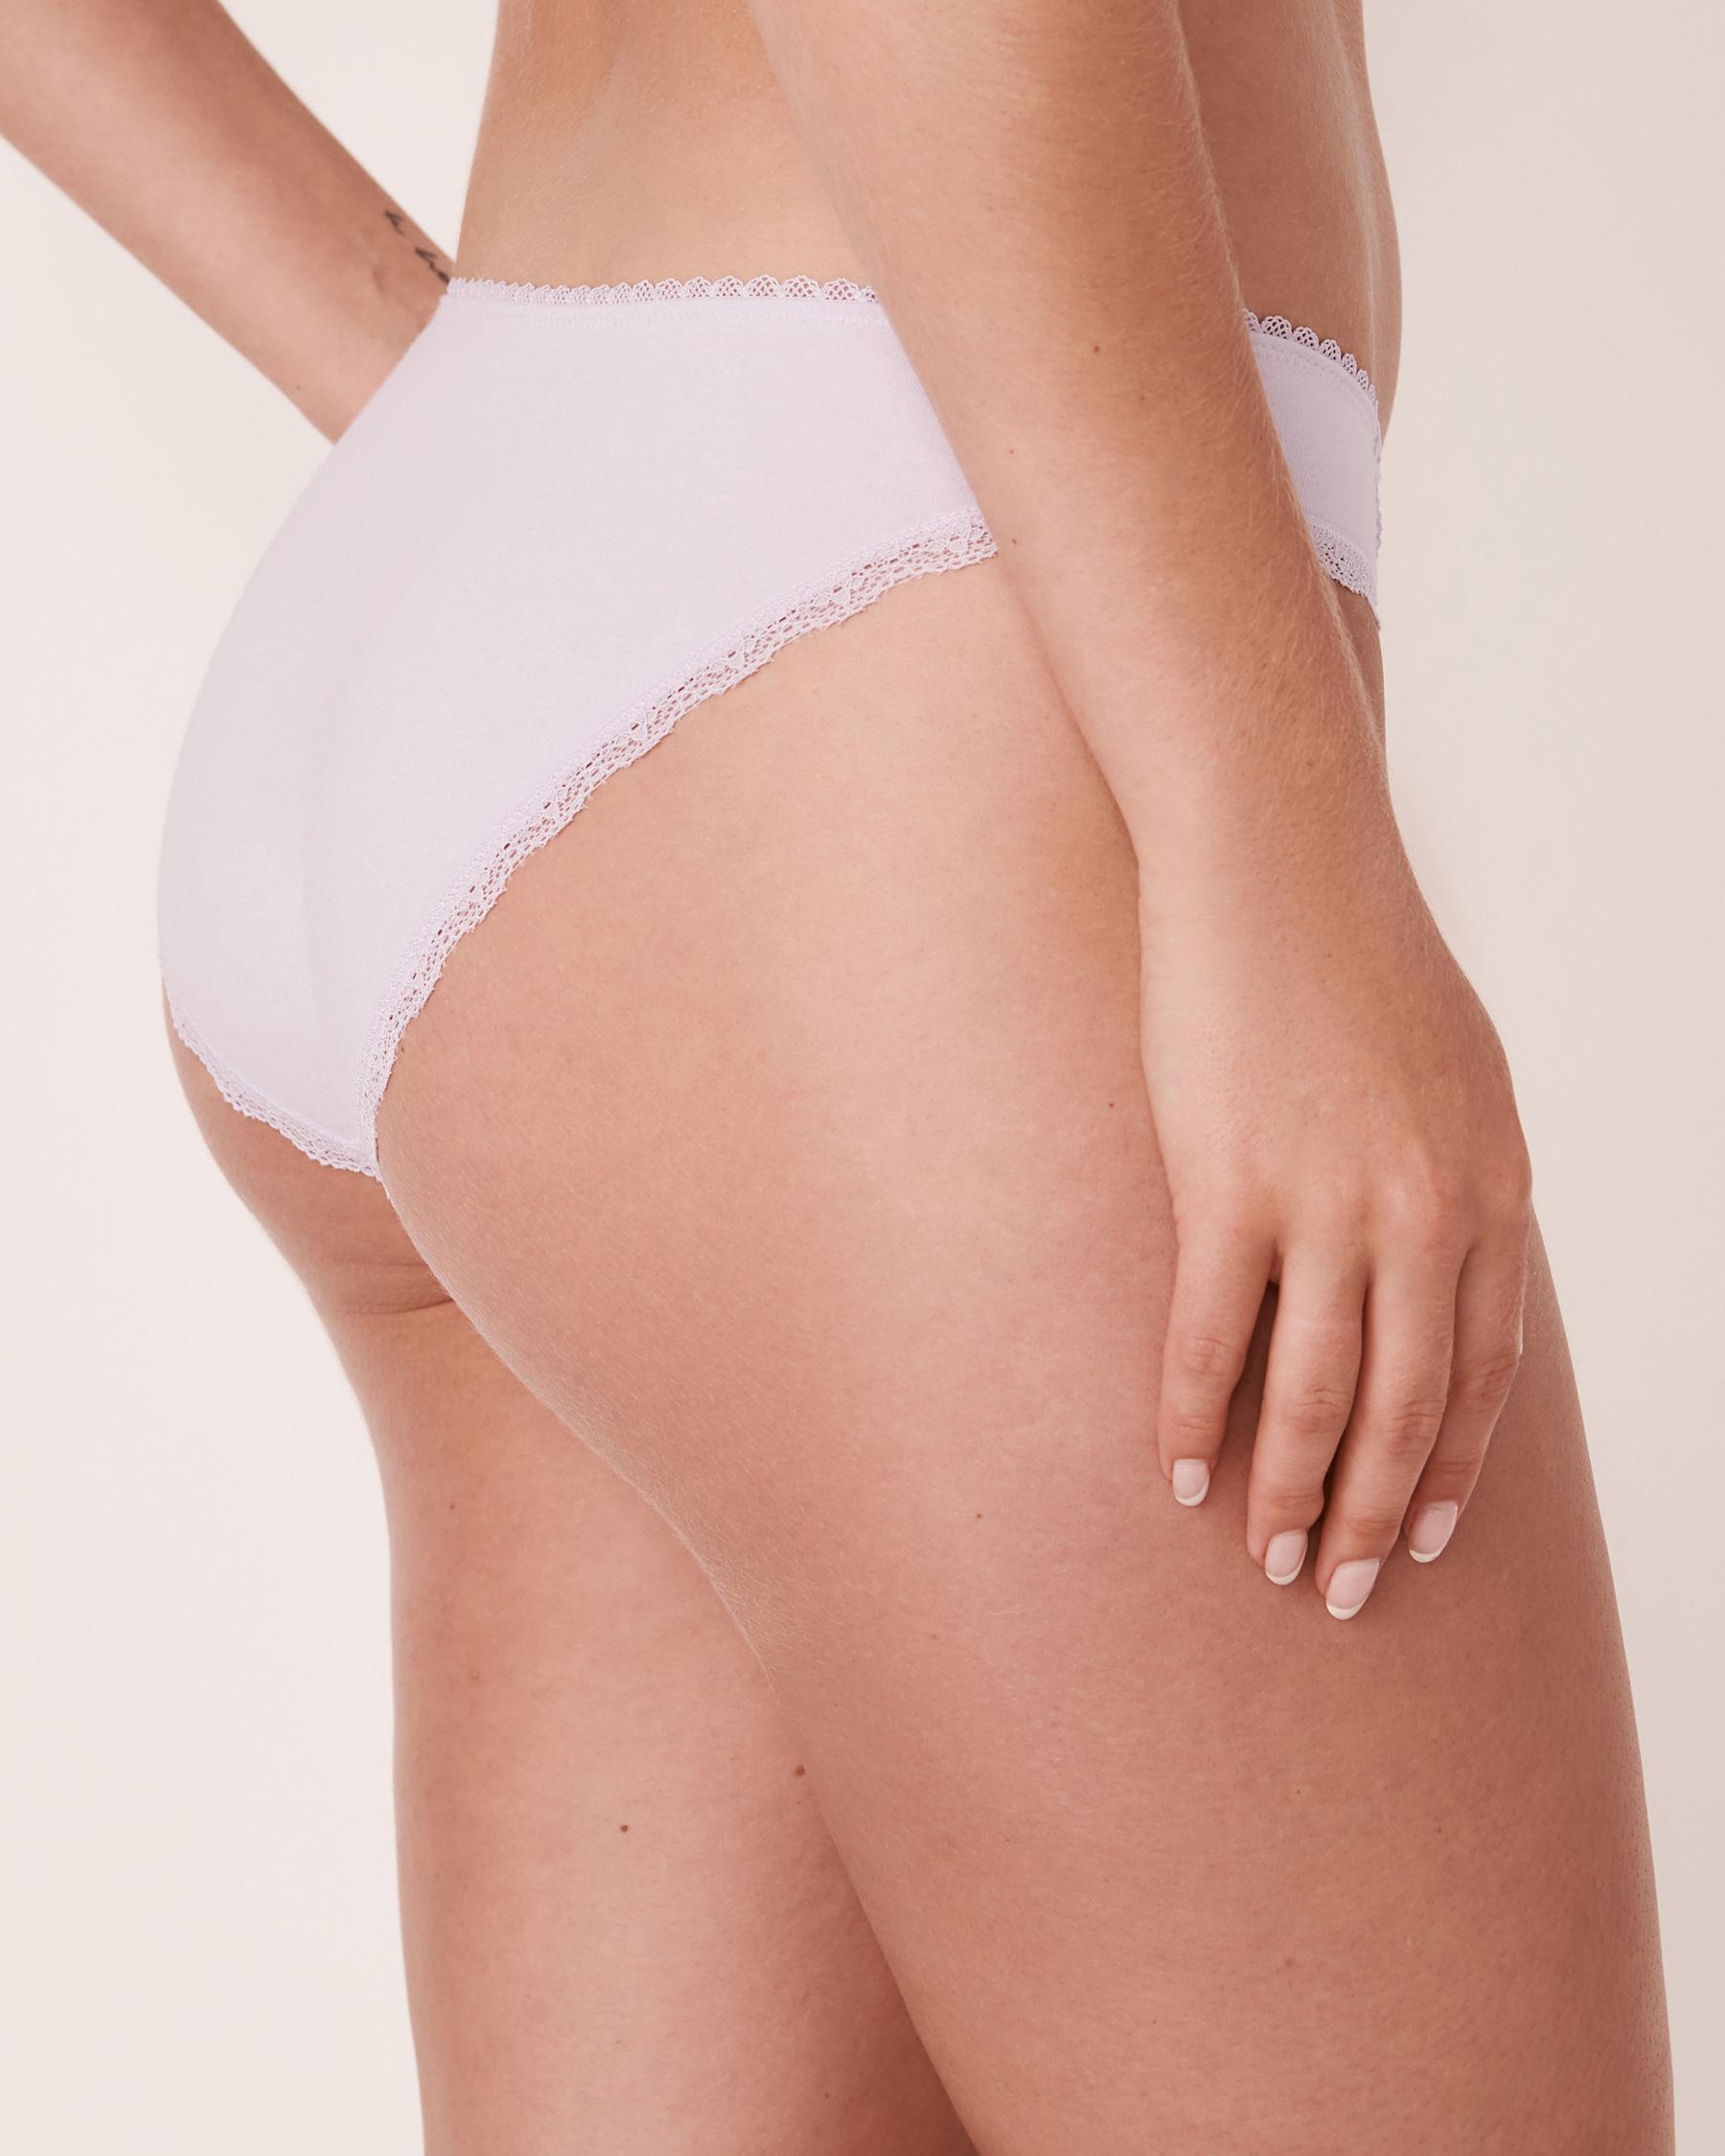 LA VIE EN ROSE Bikini Panty Lavender 20100072 - View2